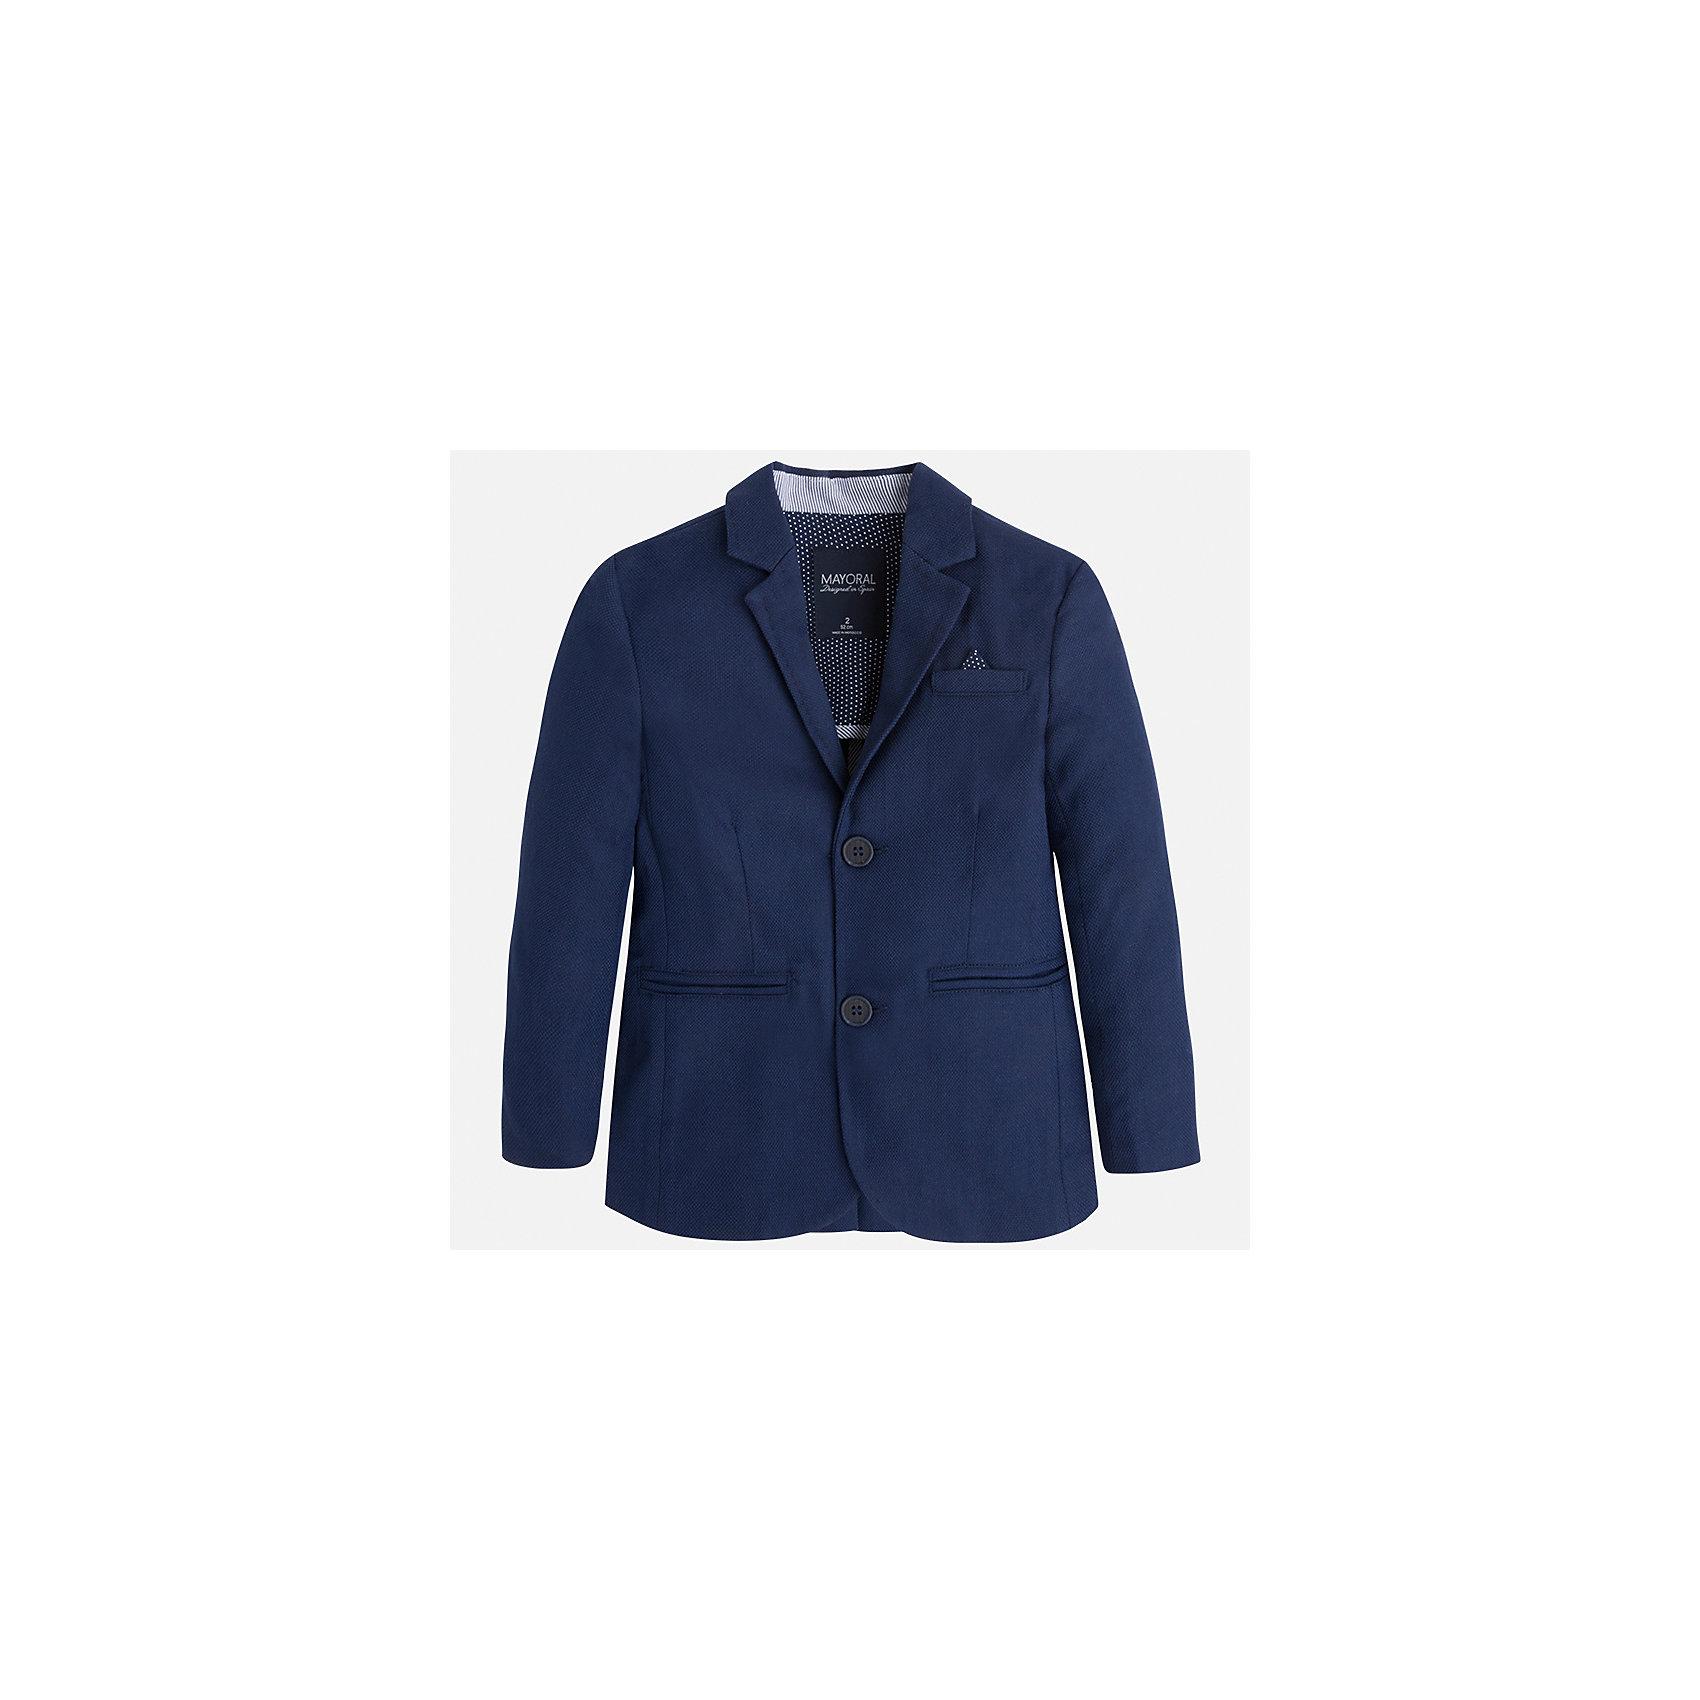 Пиджак для мальчика MayoralПиджаки и костюмы<br>Характеристики товара:<br><br>• цвет: синий<br>• состав: 78% хлопок, 20% лен, 2% эластан<br>• рукава длинные <br>• карманы<br>• пуговицы <br>• отложной воротник<br>• страна бренда: Испания<br><br>Удобный и красивый пиджак для мальчика поможет разнообразить гардероб ребенка и дополнить наряд. Он отлично сочетается с брюками классического кроя. Универсальный цвет позволяет подобрать к вещи низ различных расцветок. Модное и элегантное изделие. В составе материала - натуральный хлопок, гипоаллергенный, приятный на ощупь, дышащий.<br><br>Одежда, обувь и аксессуары от испанского бренда Mayoral полюбились детям и взрослым по всему миру. Модели этой марки - стильные и удобные. Для их производства используются только безопасные, качественные материалы и фурнитура. Порадуйте ребенка модными и красивыми вещами от Mayoral! <br><br>Пиджак для мальчика от испанского бренда Mayoral (Майорал) можно купить в нашем интернет-магазине.<br><br>Ширина мм: 174<br>Глубина мм: 10<br>Высота мм: 169<br>Вес г: 157<br>Цвет: синий<br>Возраст от месяцев: 60<br>Возраст до месяцев: 72<br>Пол: Мужской<br>Возраст: Детский<br>Размер: 116,134,128,122,104,98,92,110<br>SKU: 5280522